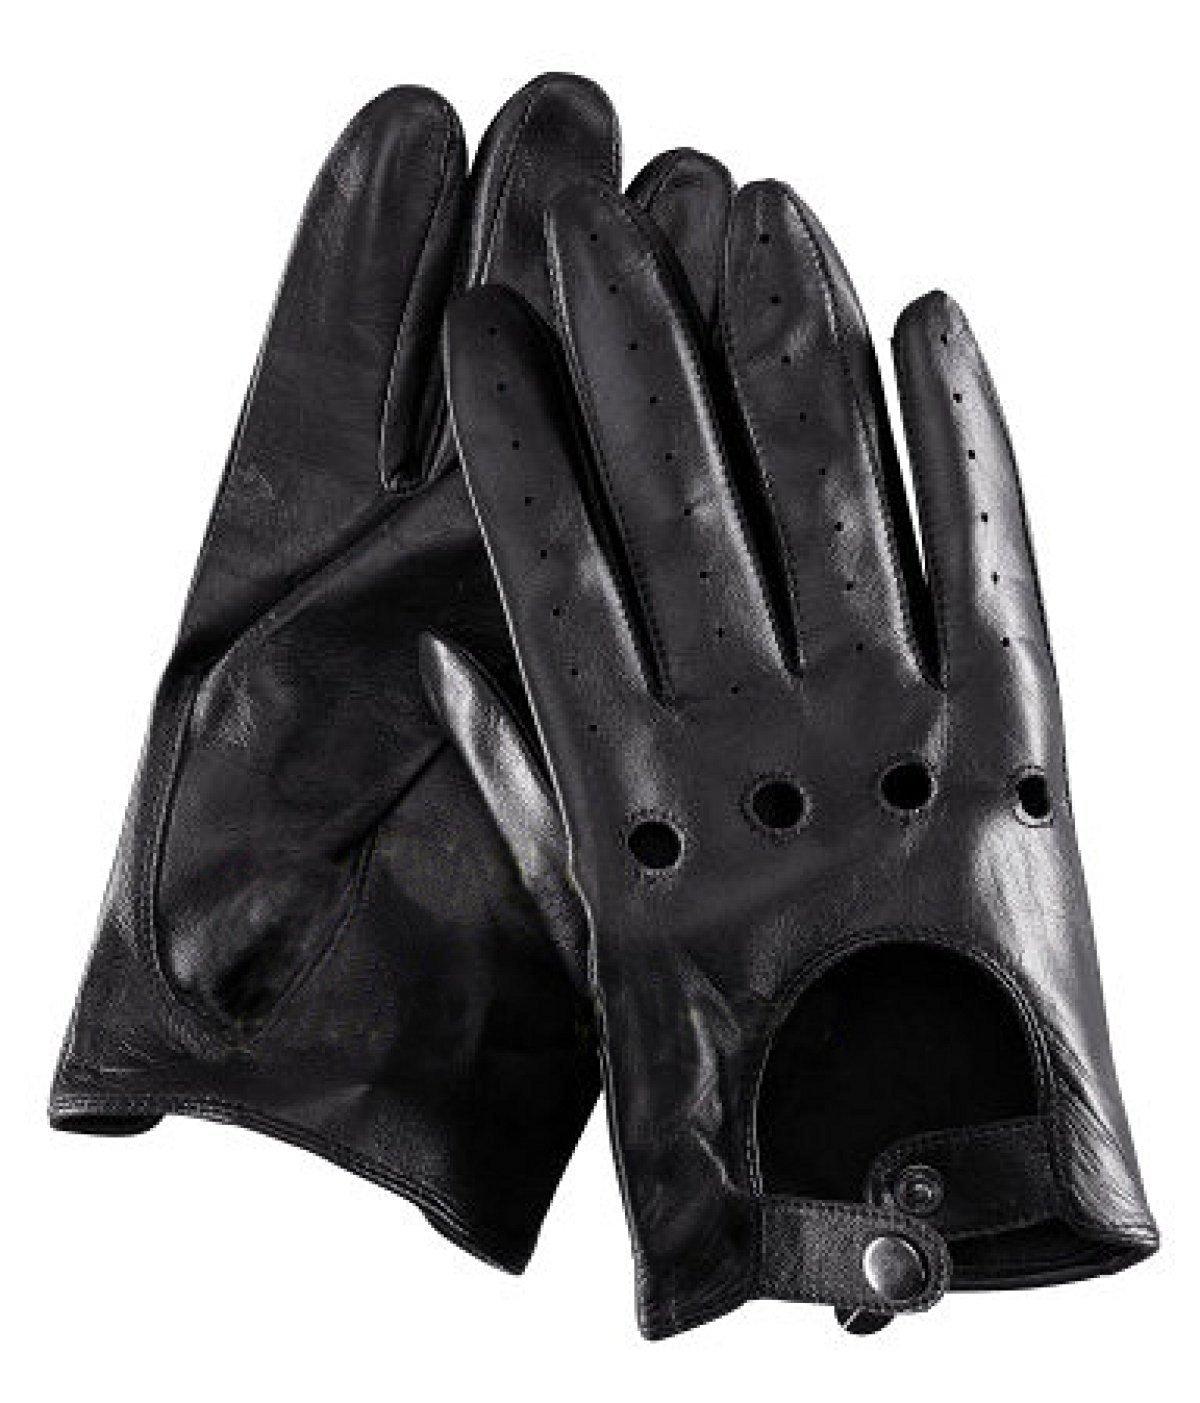 GAYY Männer fahren Leder Motorrad Handschuhe Sonnencreme Reiten rutschfeste Shortship,Schwarz,Mittel